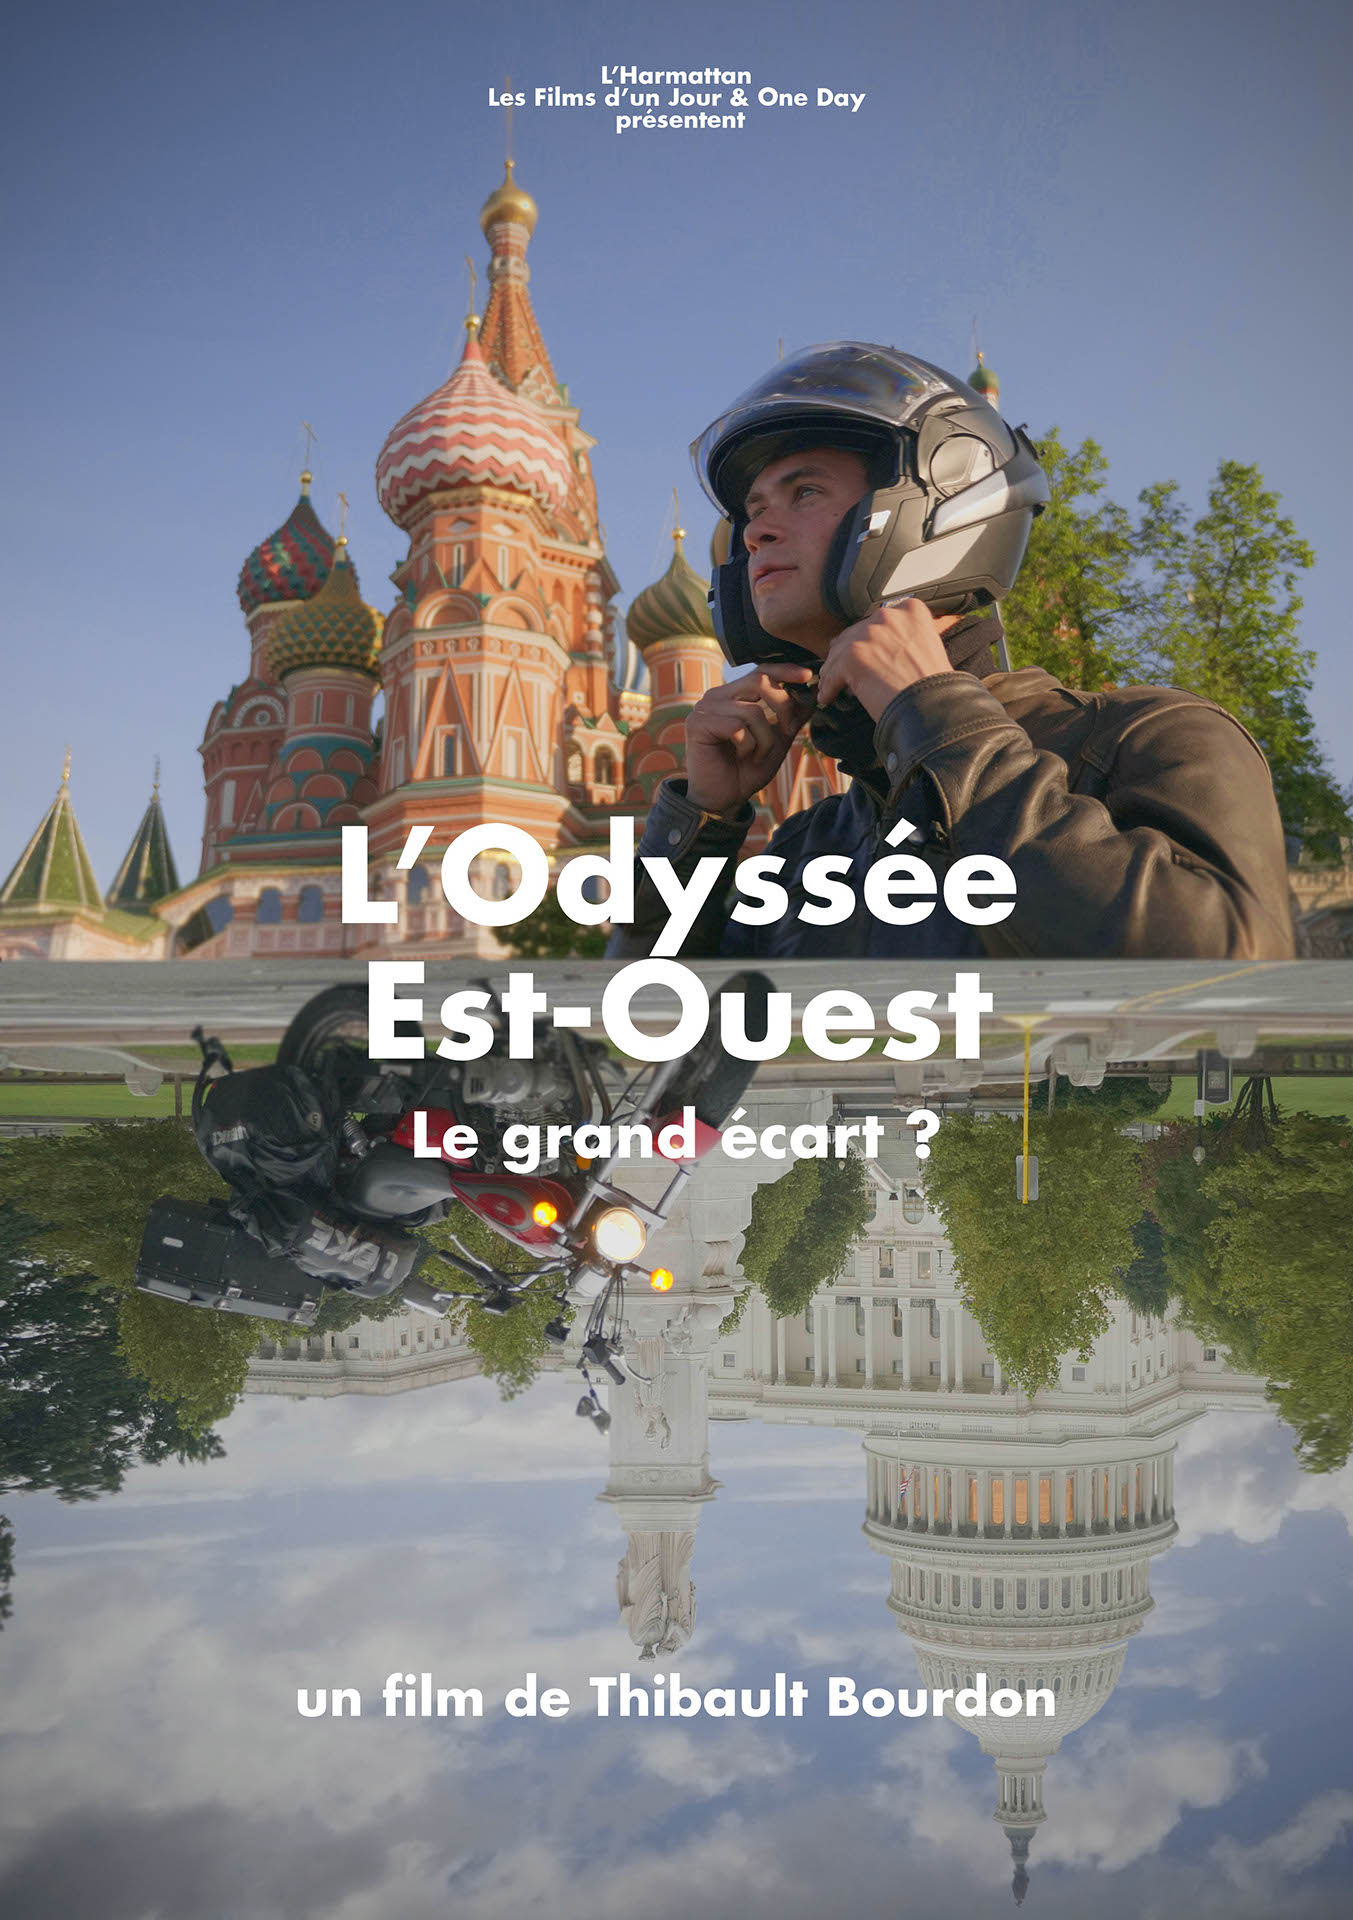 Affiche du film de Thibaul Bourdon